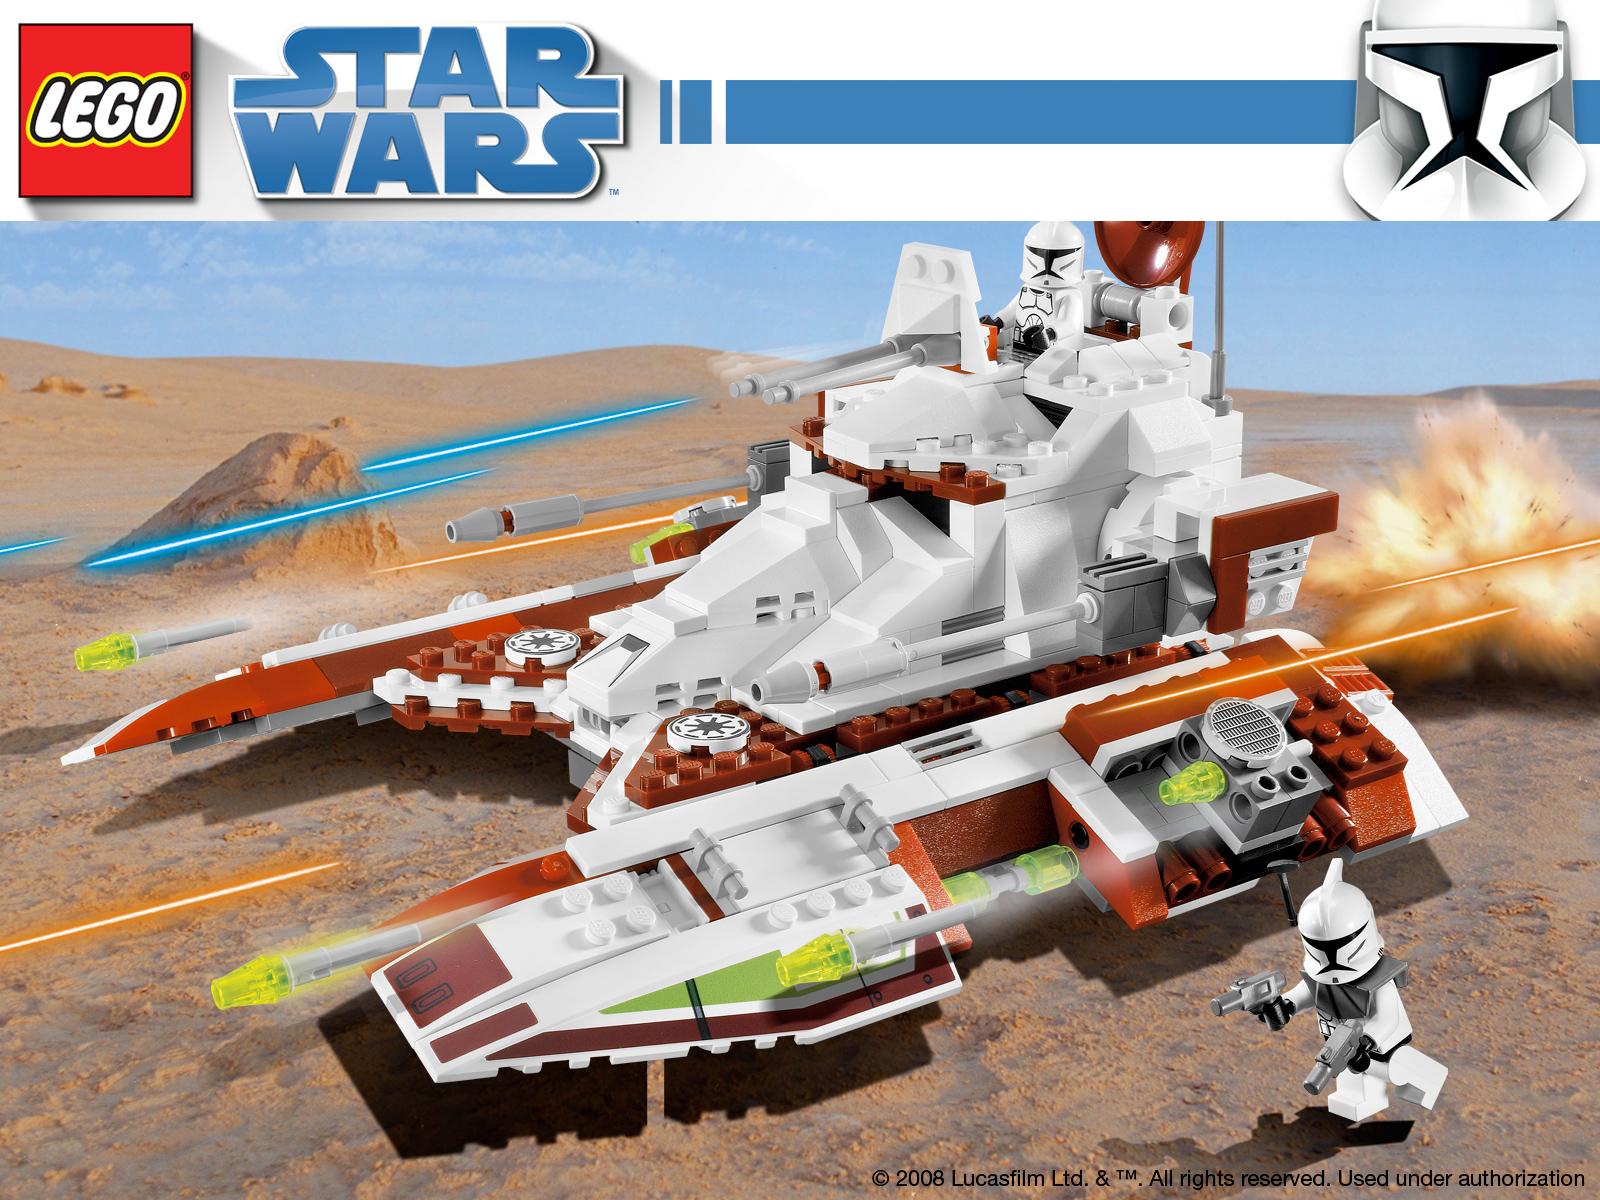 игры игрушка лего звездные войны game toy LEGO star war без смс